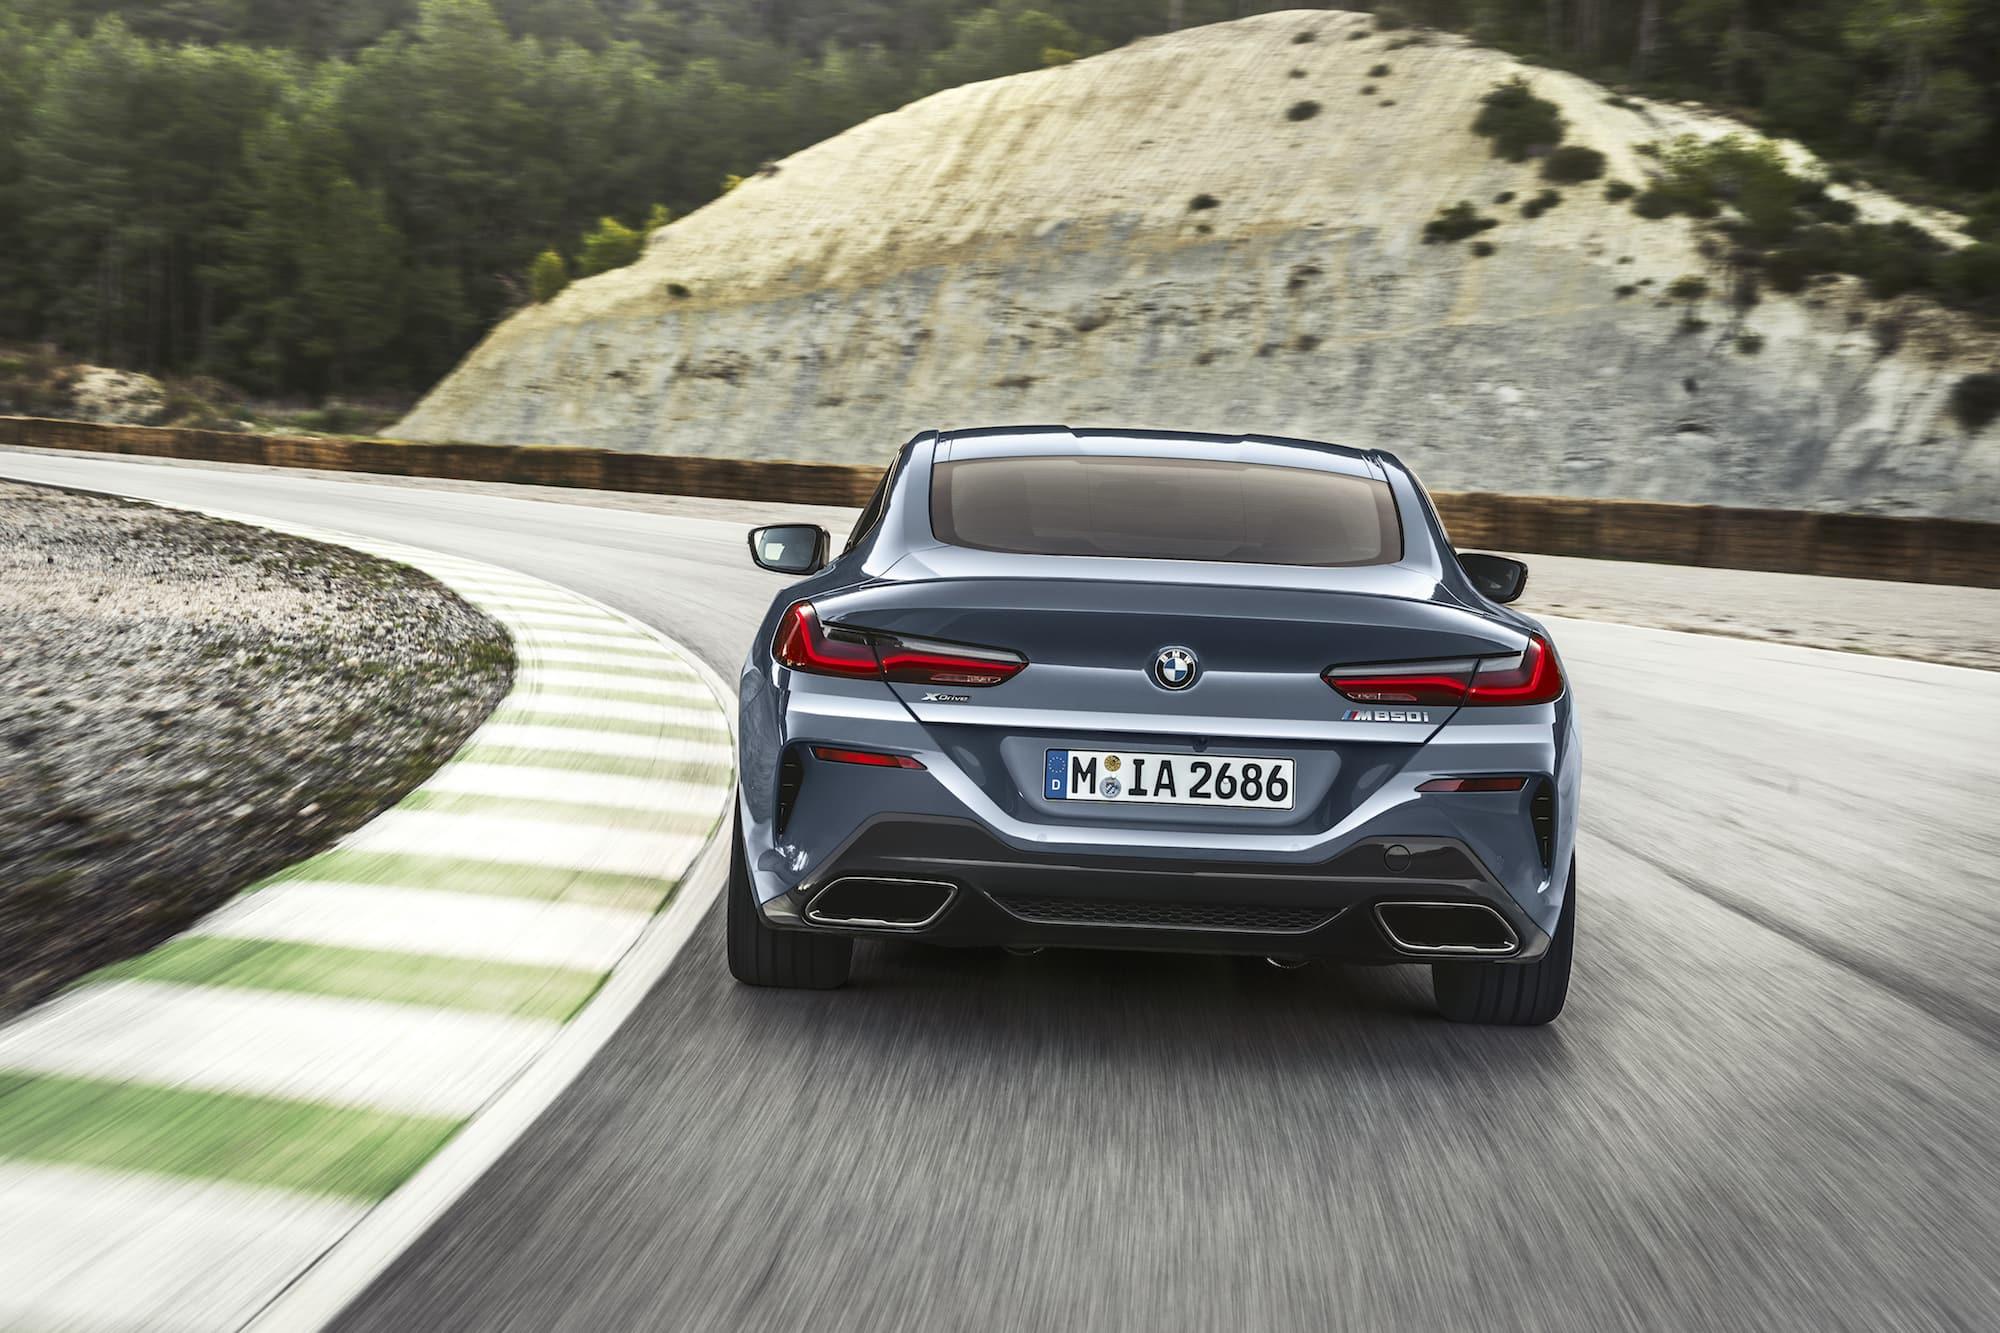 BMW belebt 8er Serie wieder: Das ist der neue BMW M850i xDrive 6